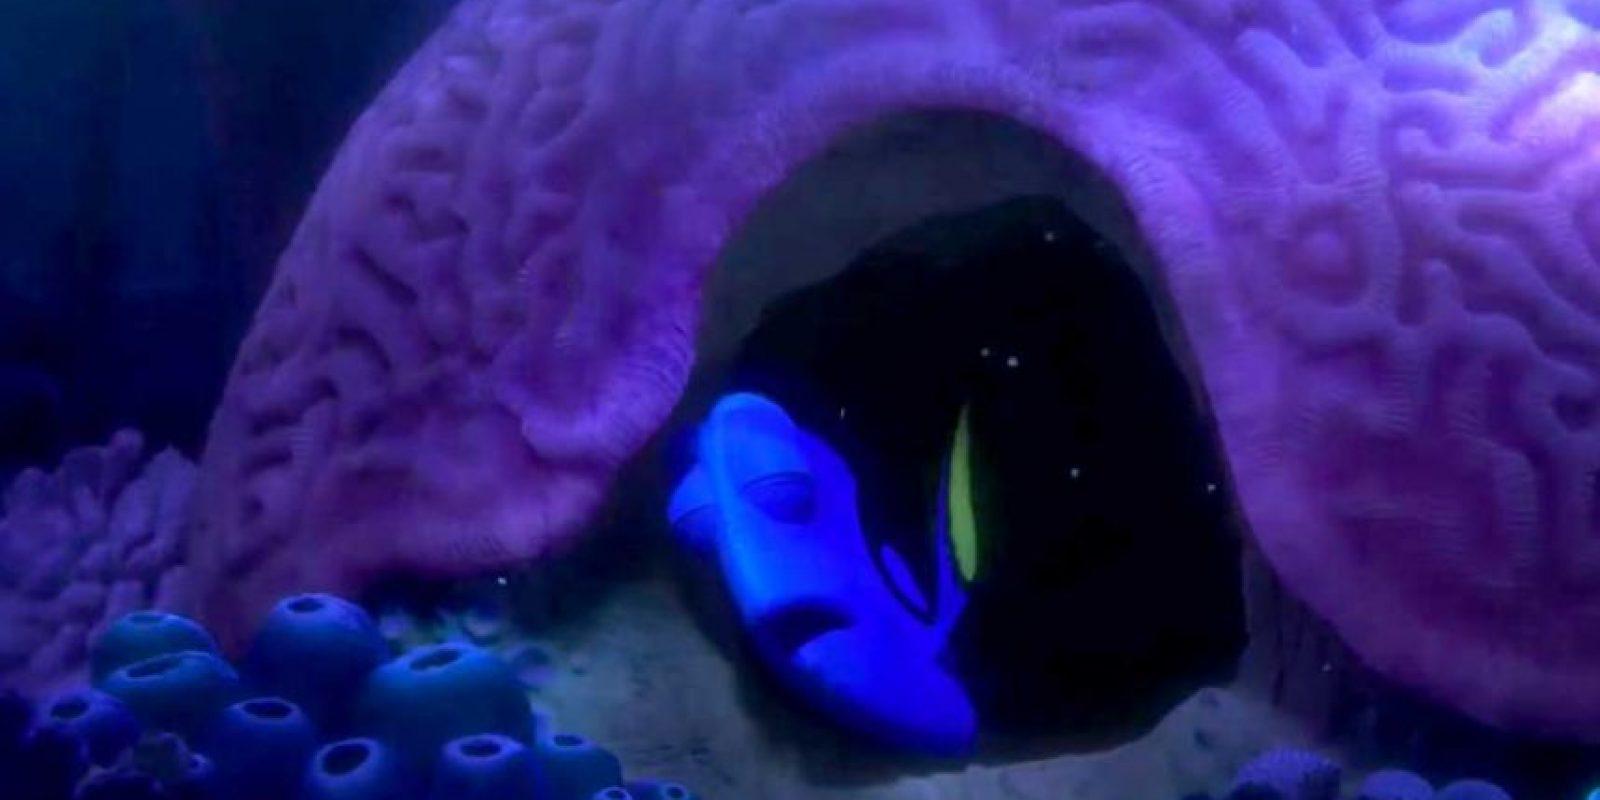 """En ella aparece """"Dory"""" la pez que enamoró a una generación en """"Buscando a Nemo"""" (2003). Foto:Disney Pixar. Imagen Por:"""